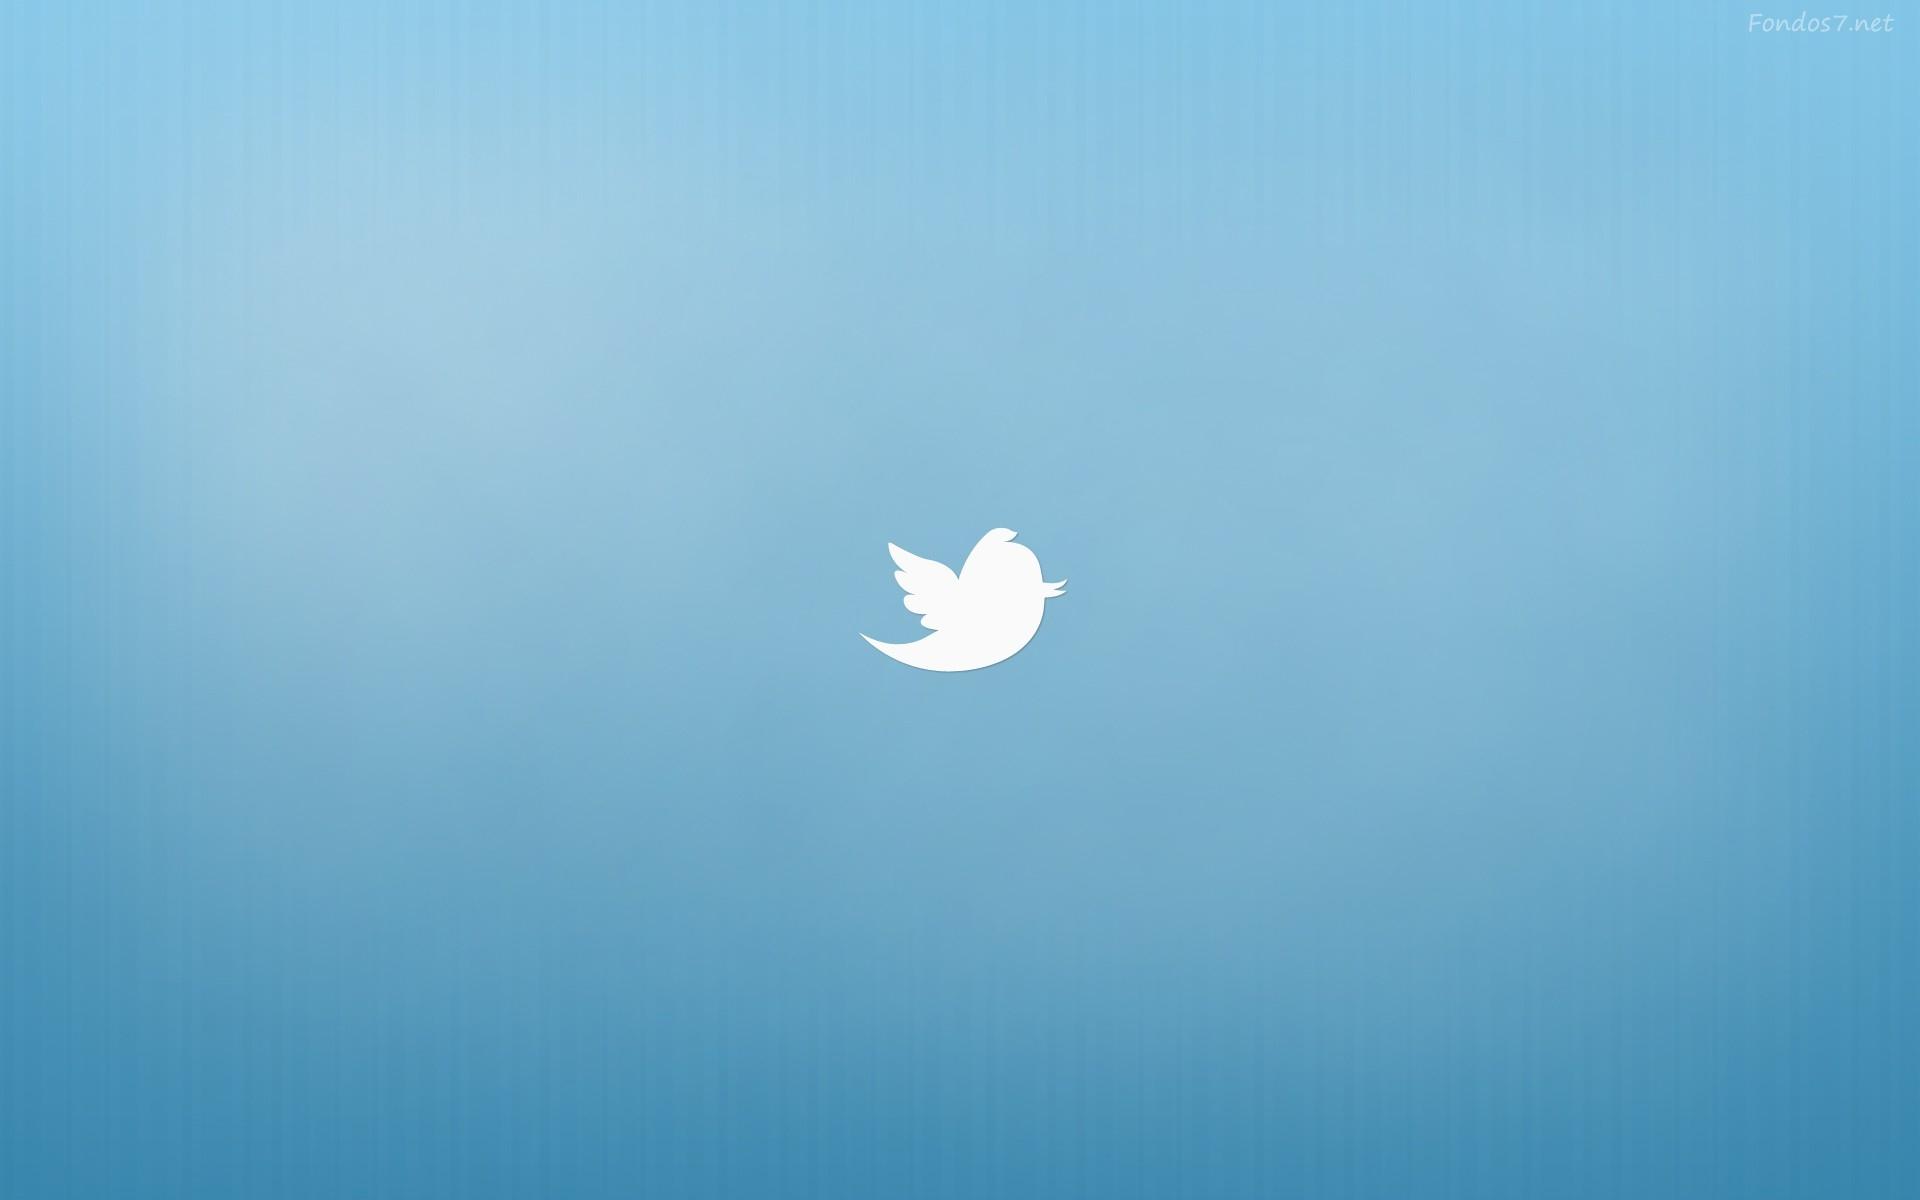 Descargar Fondos de pantalla twitter fondo azul hd widescreen Gratis 1920x1200